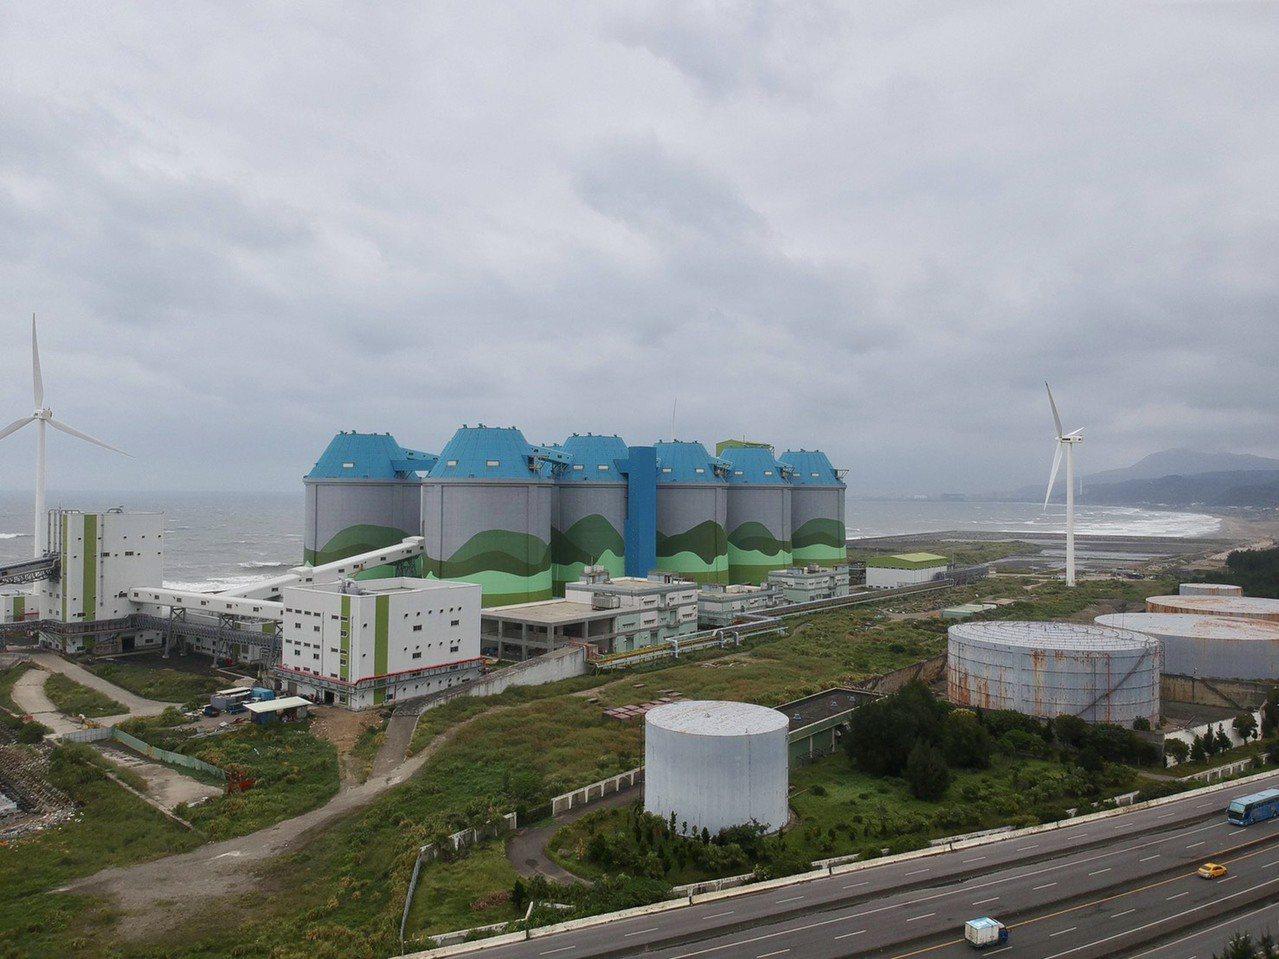 林口發電廠煤倉與油庫設施。記者洪哲政/攝影